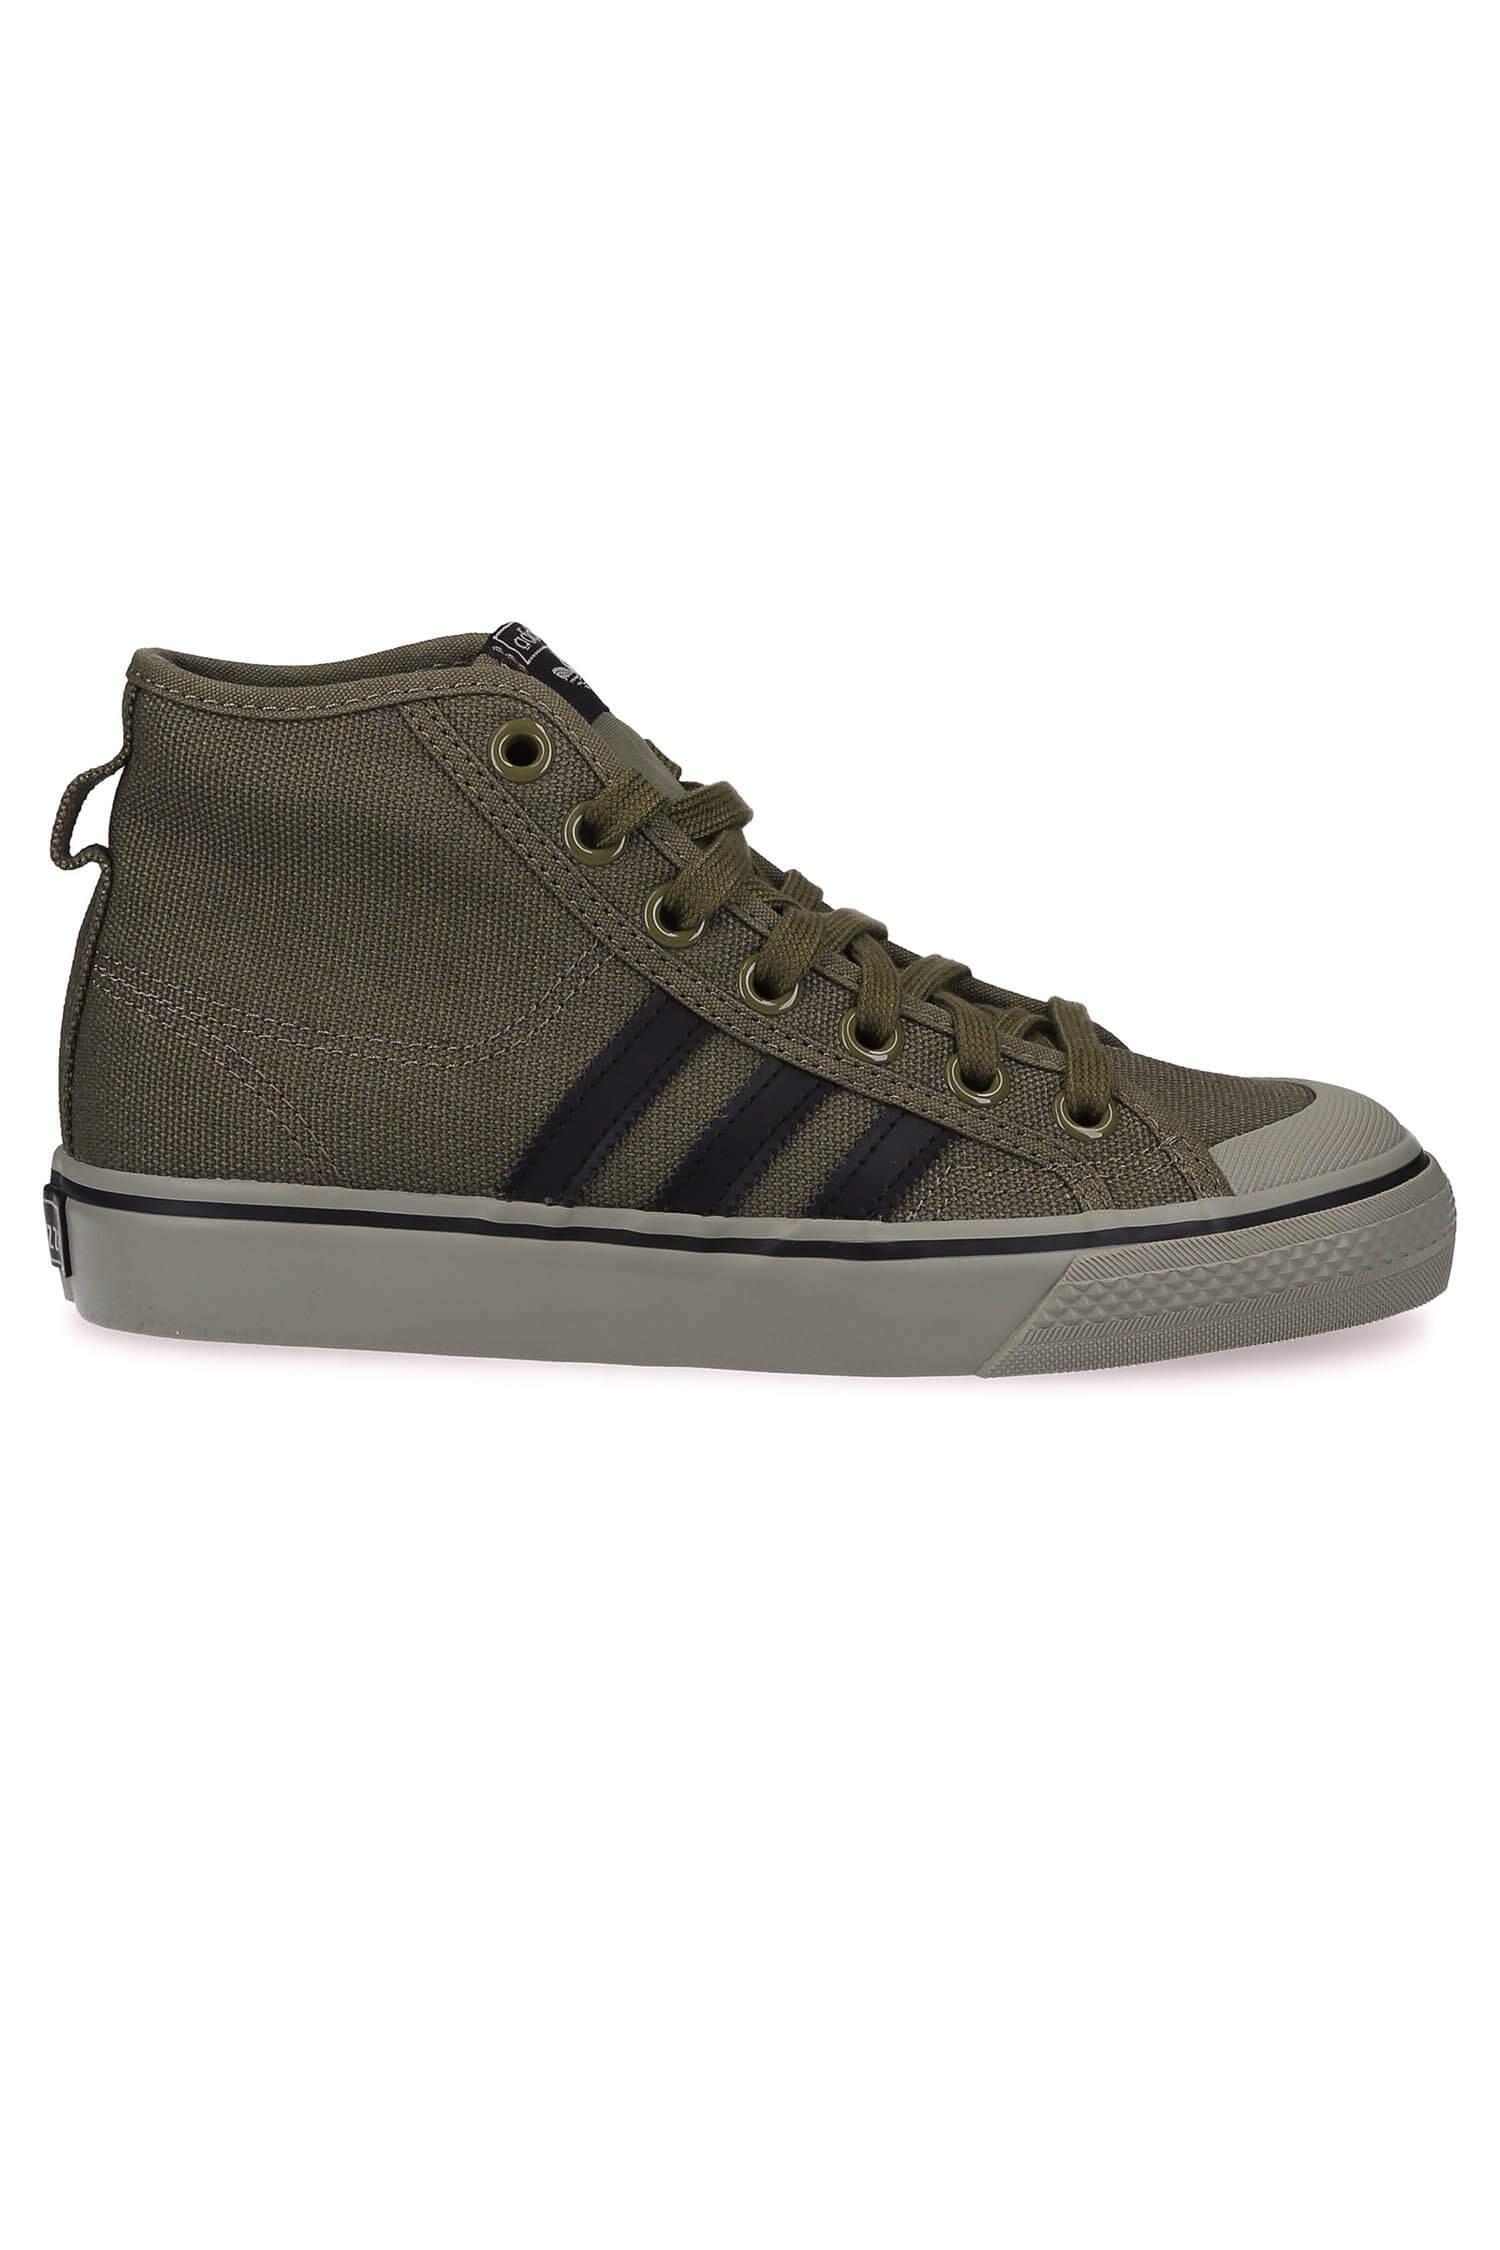 a7261de00a4f adidas Originals / Baskets Nizza Hi ...